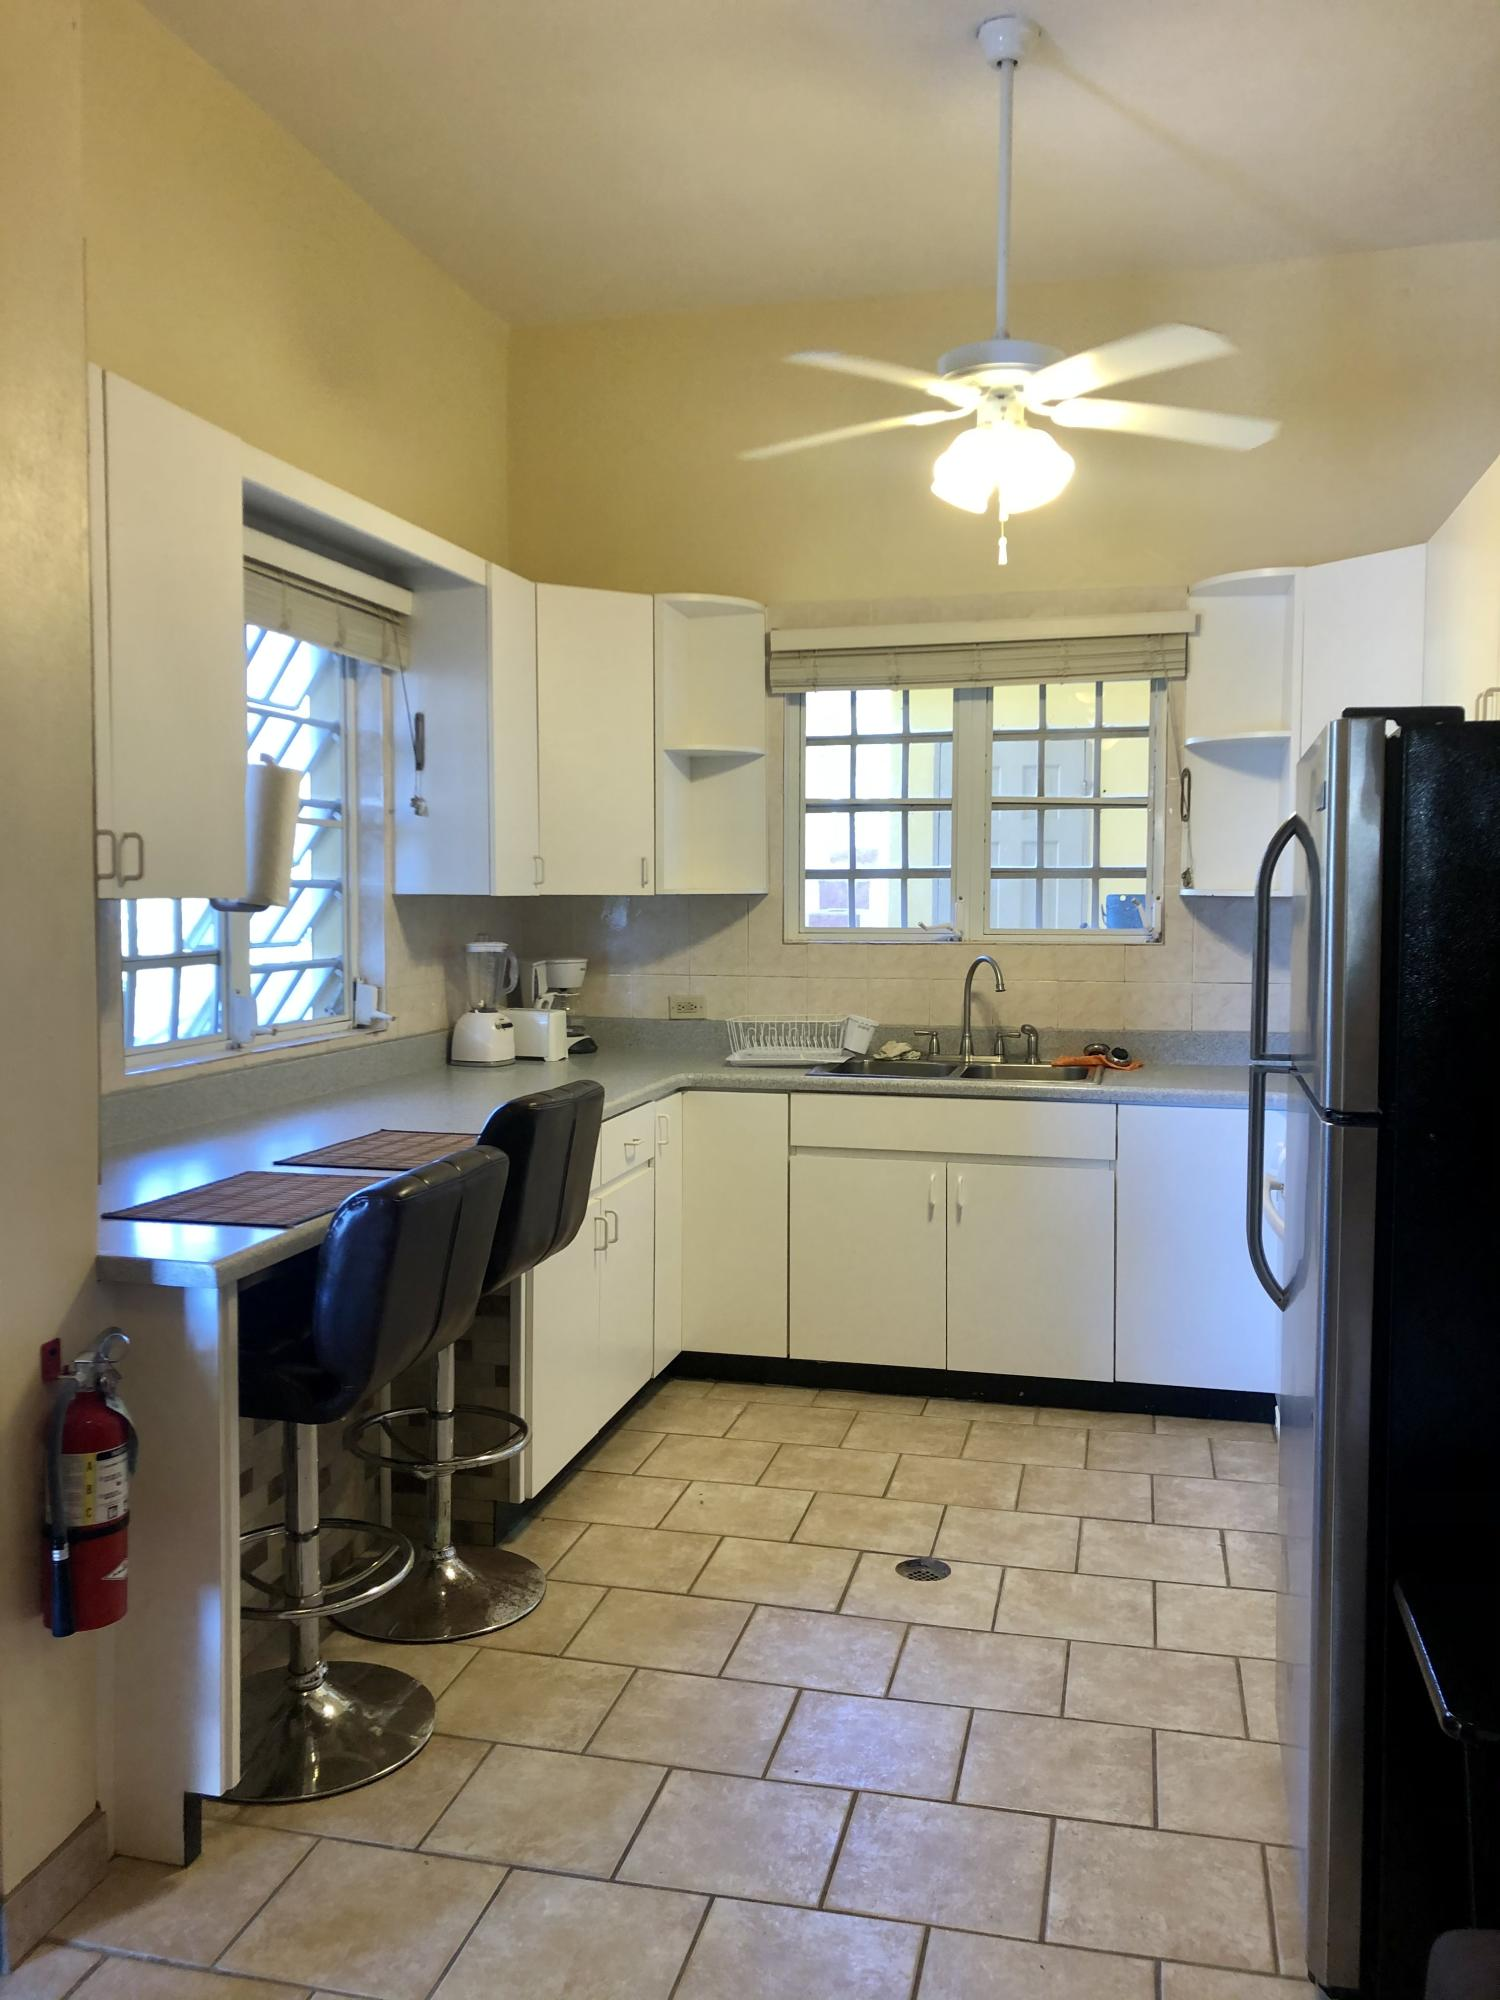 RE/MAX real estate, US Virgin Islands, Frydenhoj Estate, New Listing  Res Rental  Frydenhoj RH